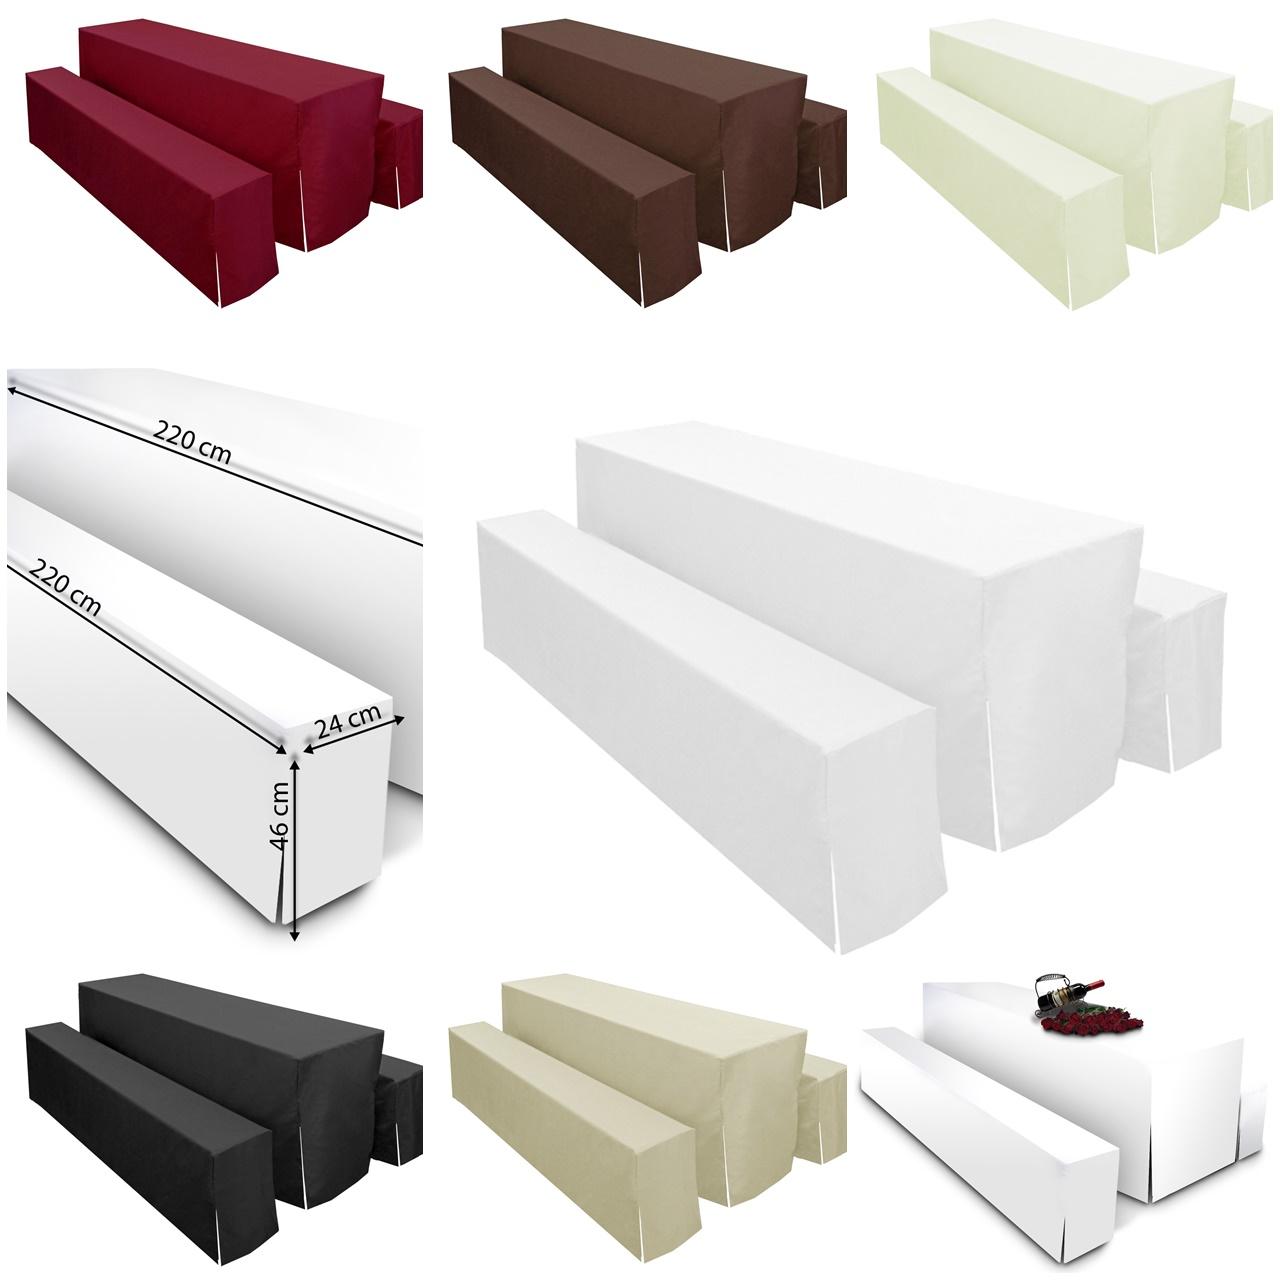 tischdecke damast ma geschneidert sonderanfertigung bergr e punkte in schwarz ebay. Black Bedroom Furniture Sets. Home Design Ideas